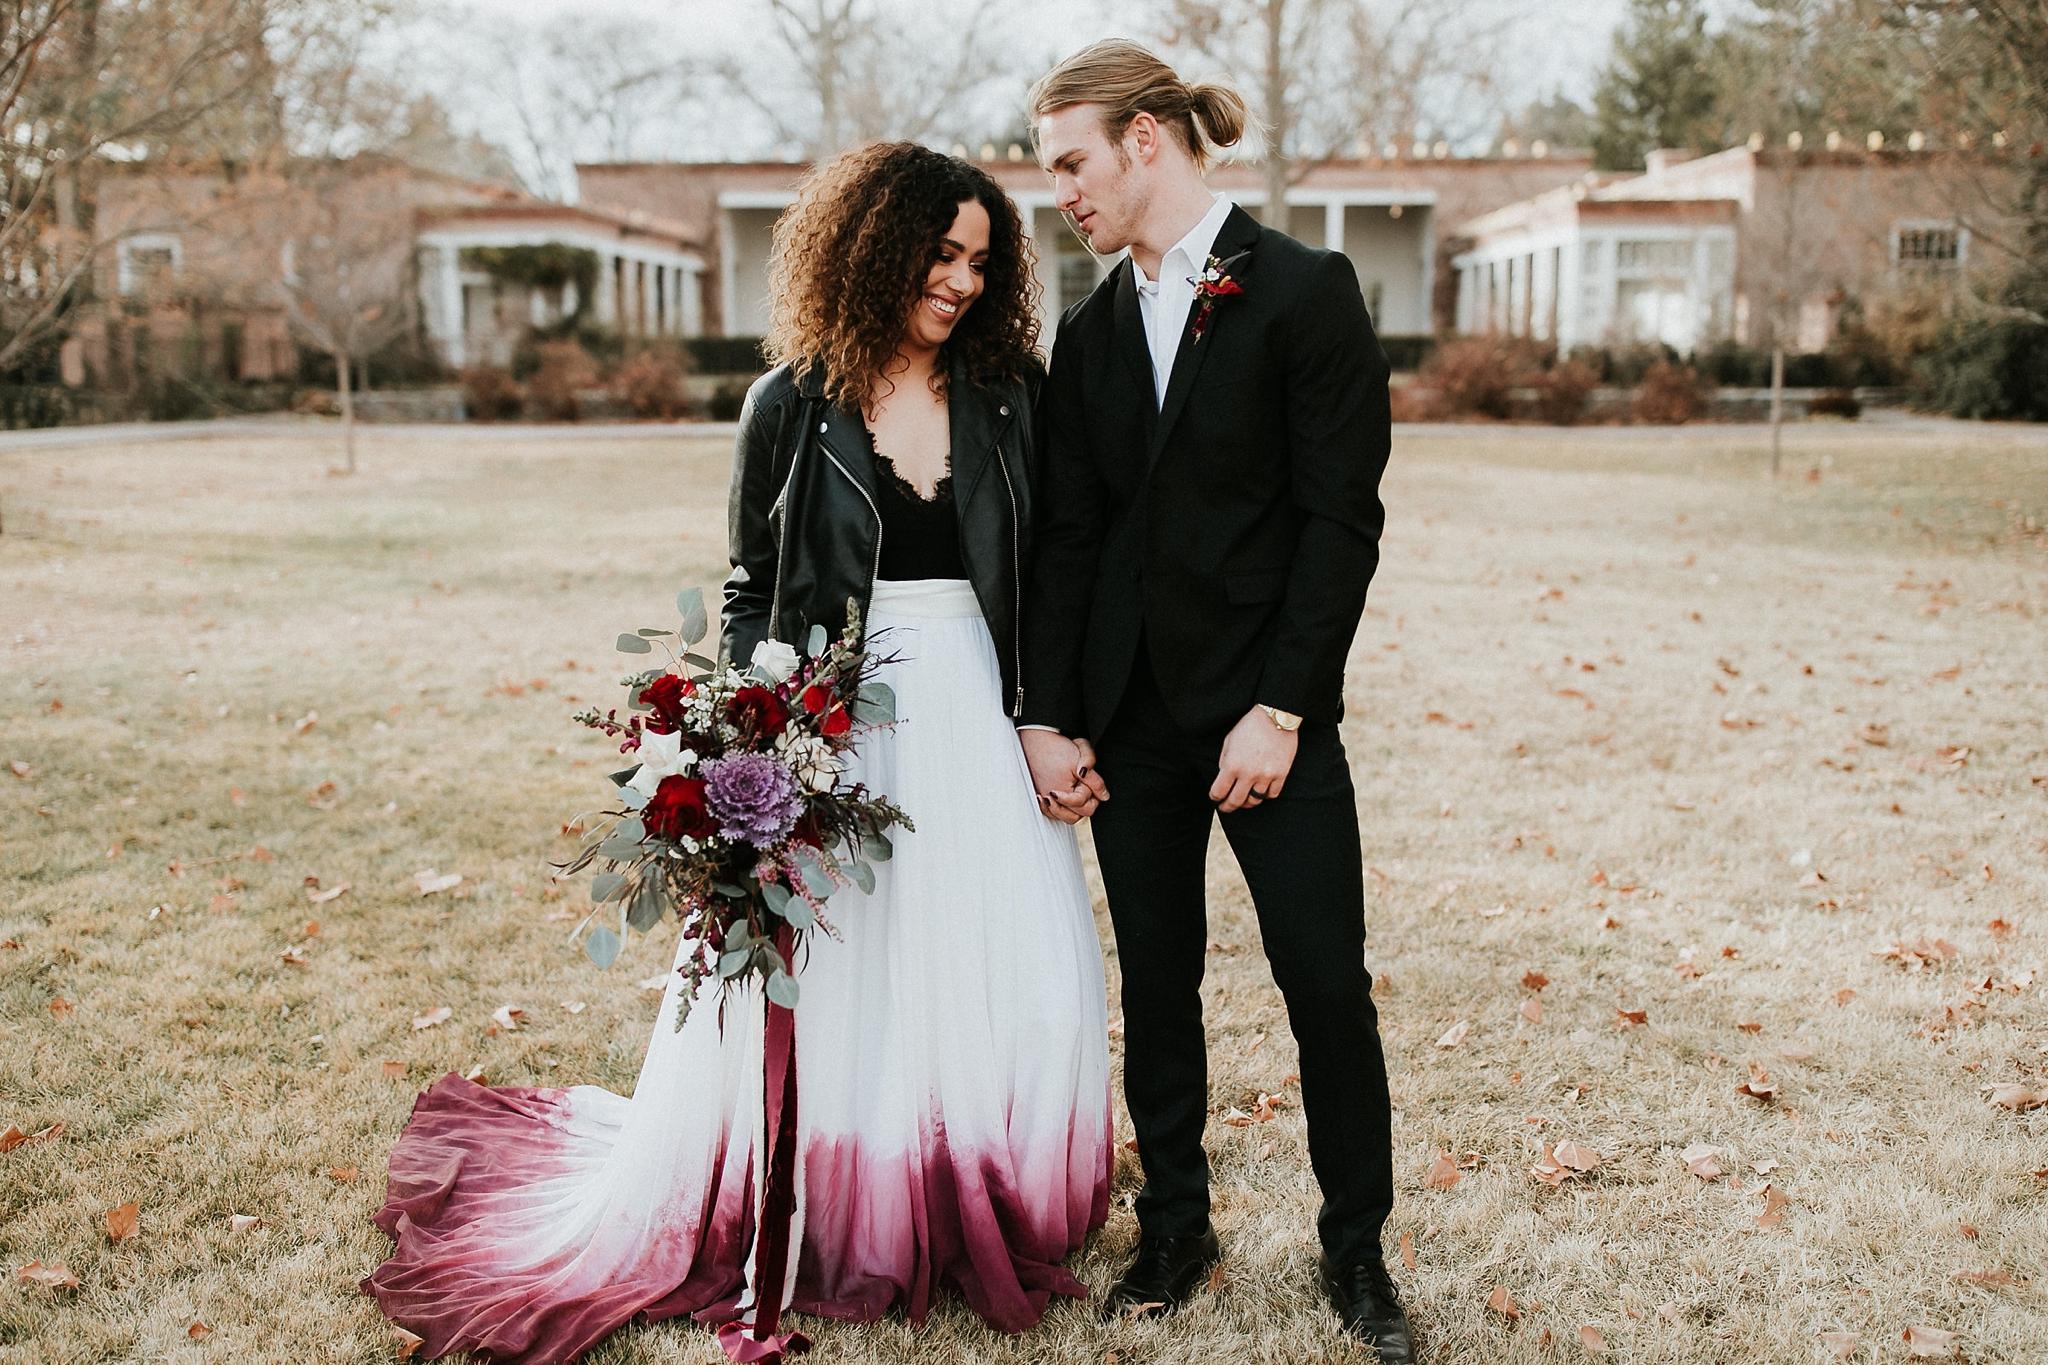 Alicia+lucia+photography+-+albuquerque+wedding+photographer+-+santa+fe+wedding+photography+-+new+mexico+wedding+photographer+-+albuquerque+wedding+-+santa+fe+wedding+-+wedding+gowns+-+non+traditional+wedding+gowns_0018.jpg